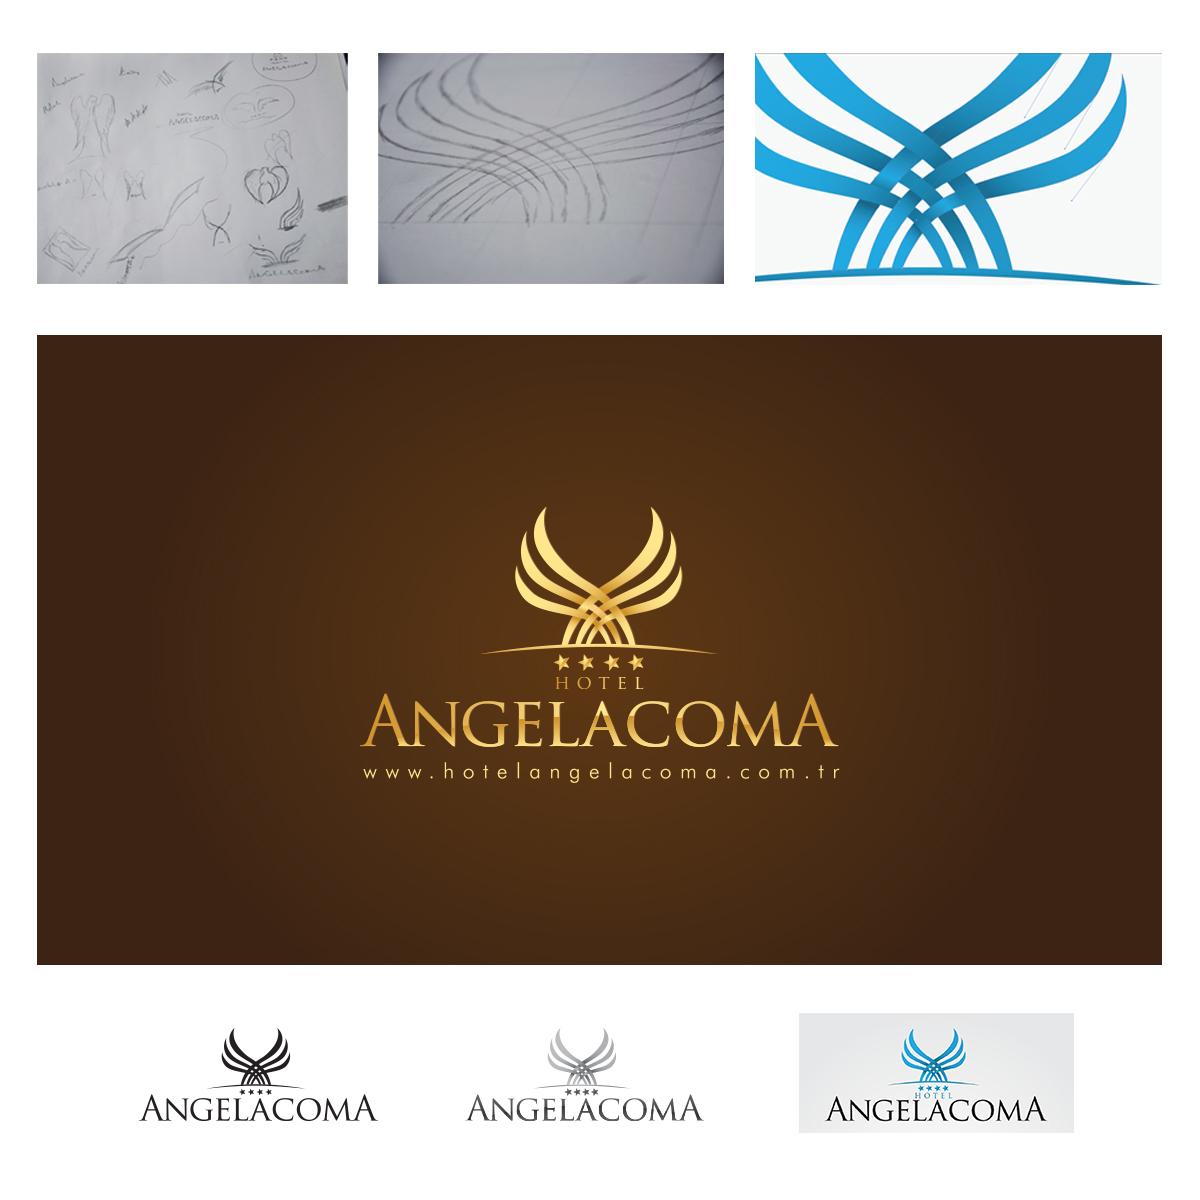 angelacoma2